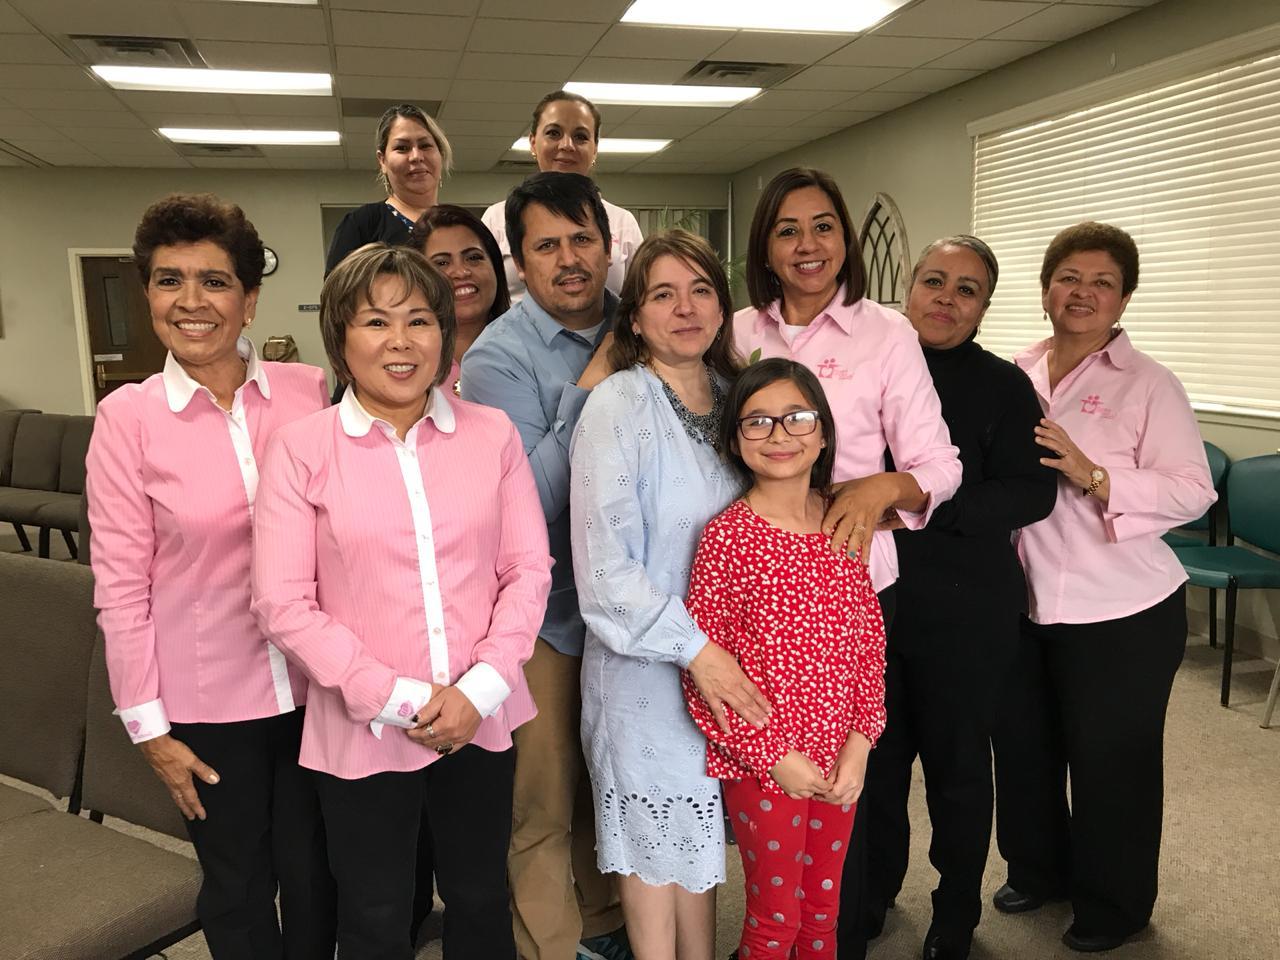 Escuela para madres Visalia, CA